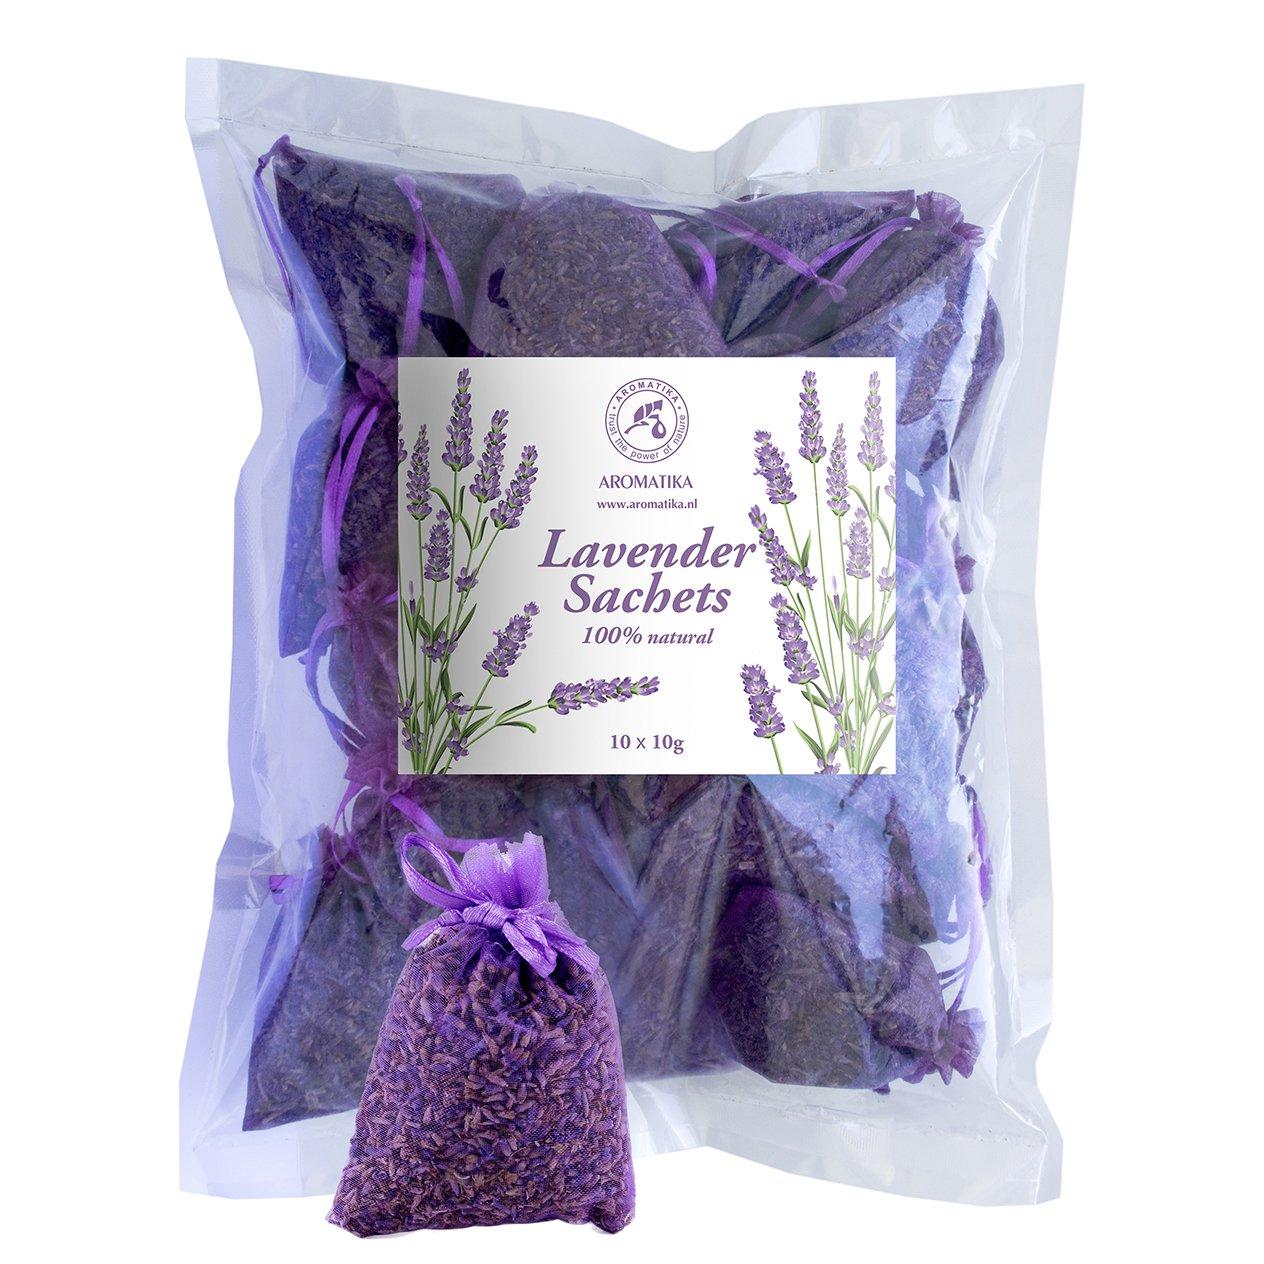 Lavanda Sacchetti - Fiori Lavanda Francese Essiccati - 10 X 10g - Sacchetto Profumato Set Regalo Di Aromatika